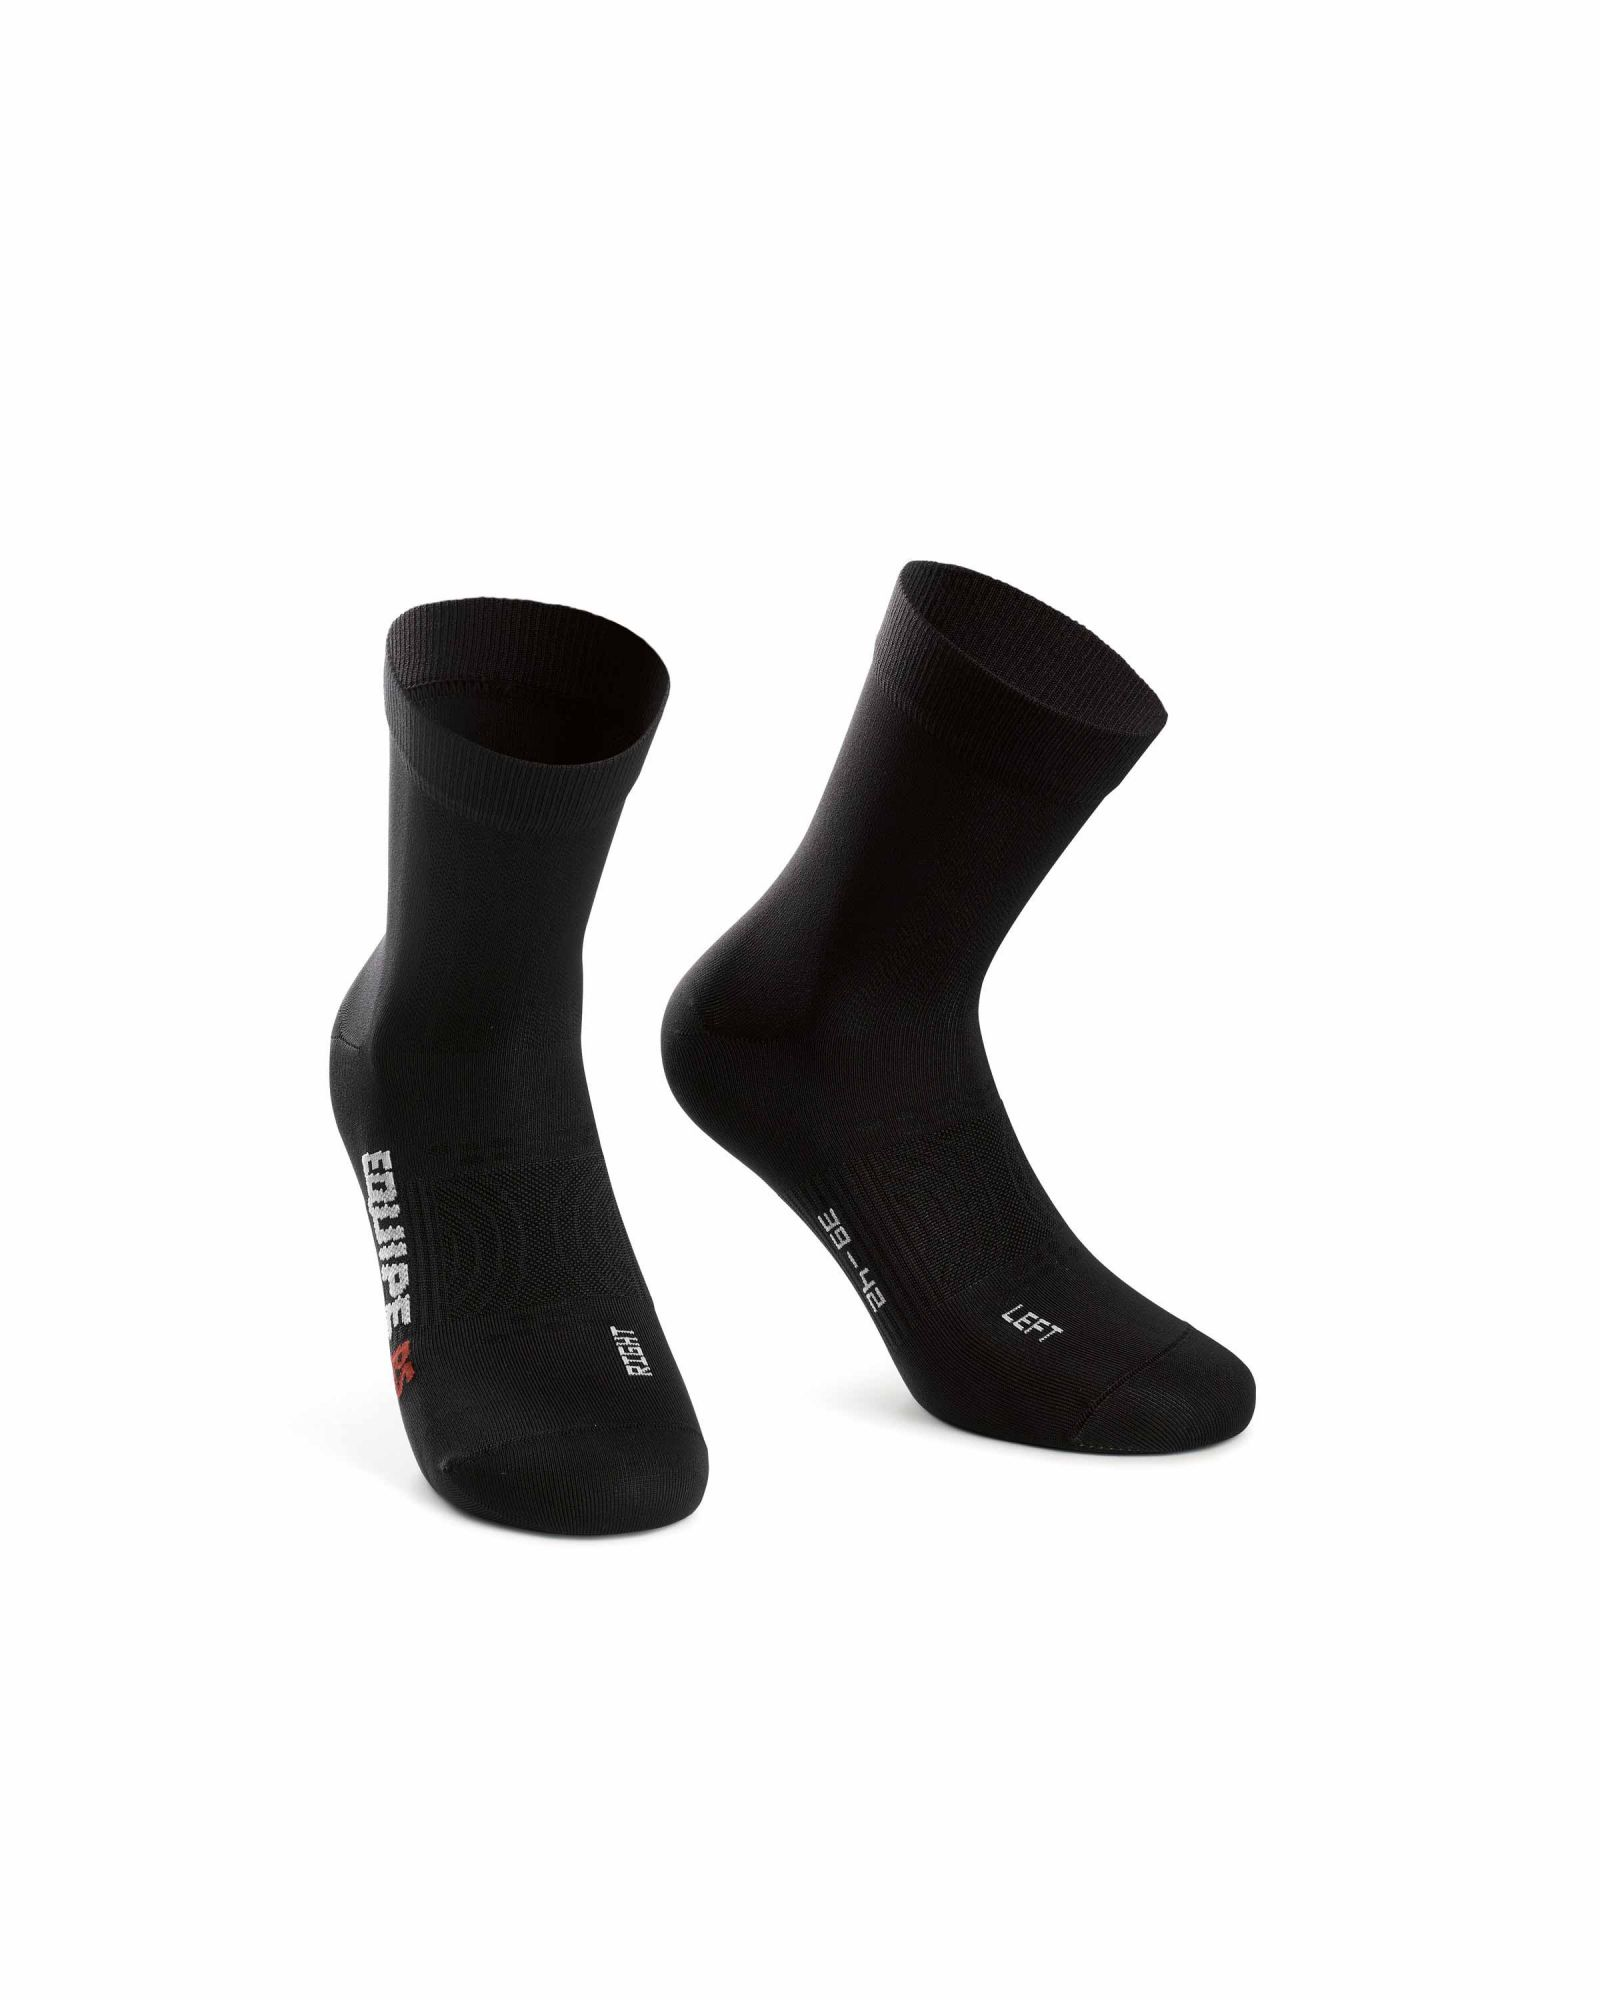 Assos Chaussettes RS Socks ProfBlack (Noir)